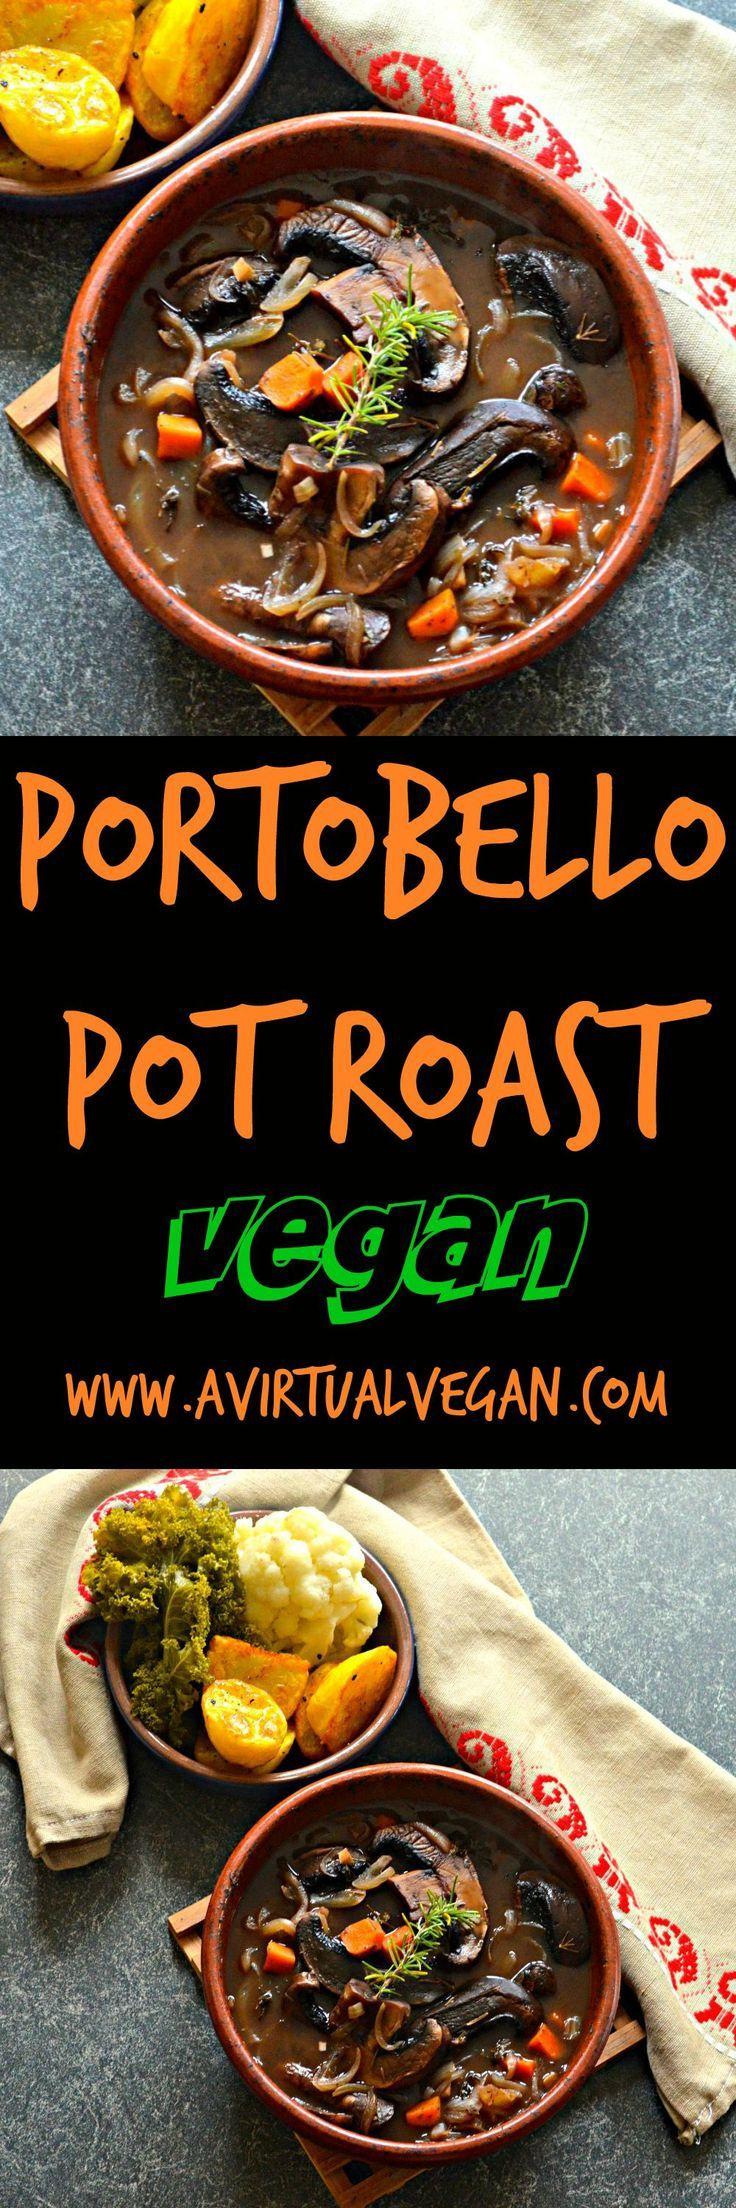 25+ best ideas about Roasted Portobello Mushrooms on ...